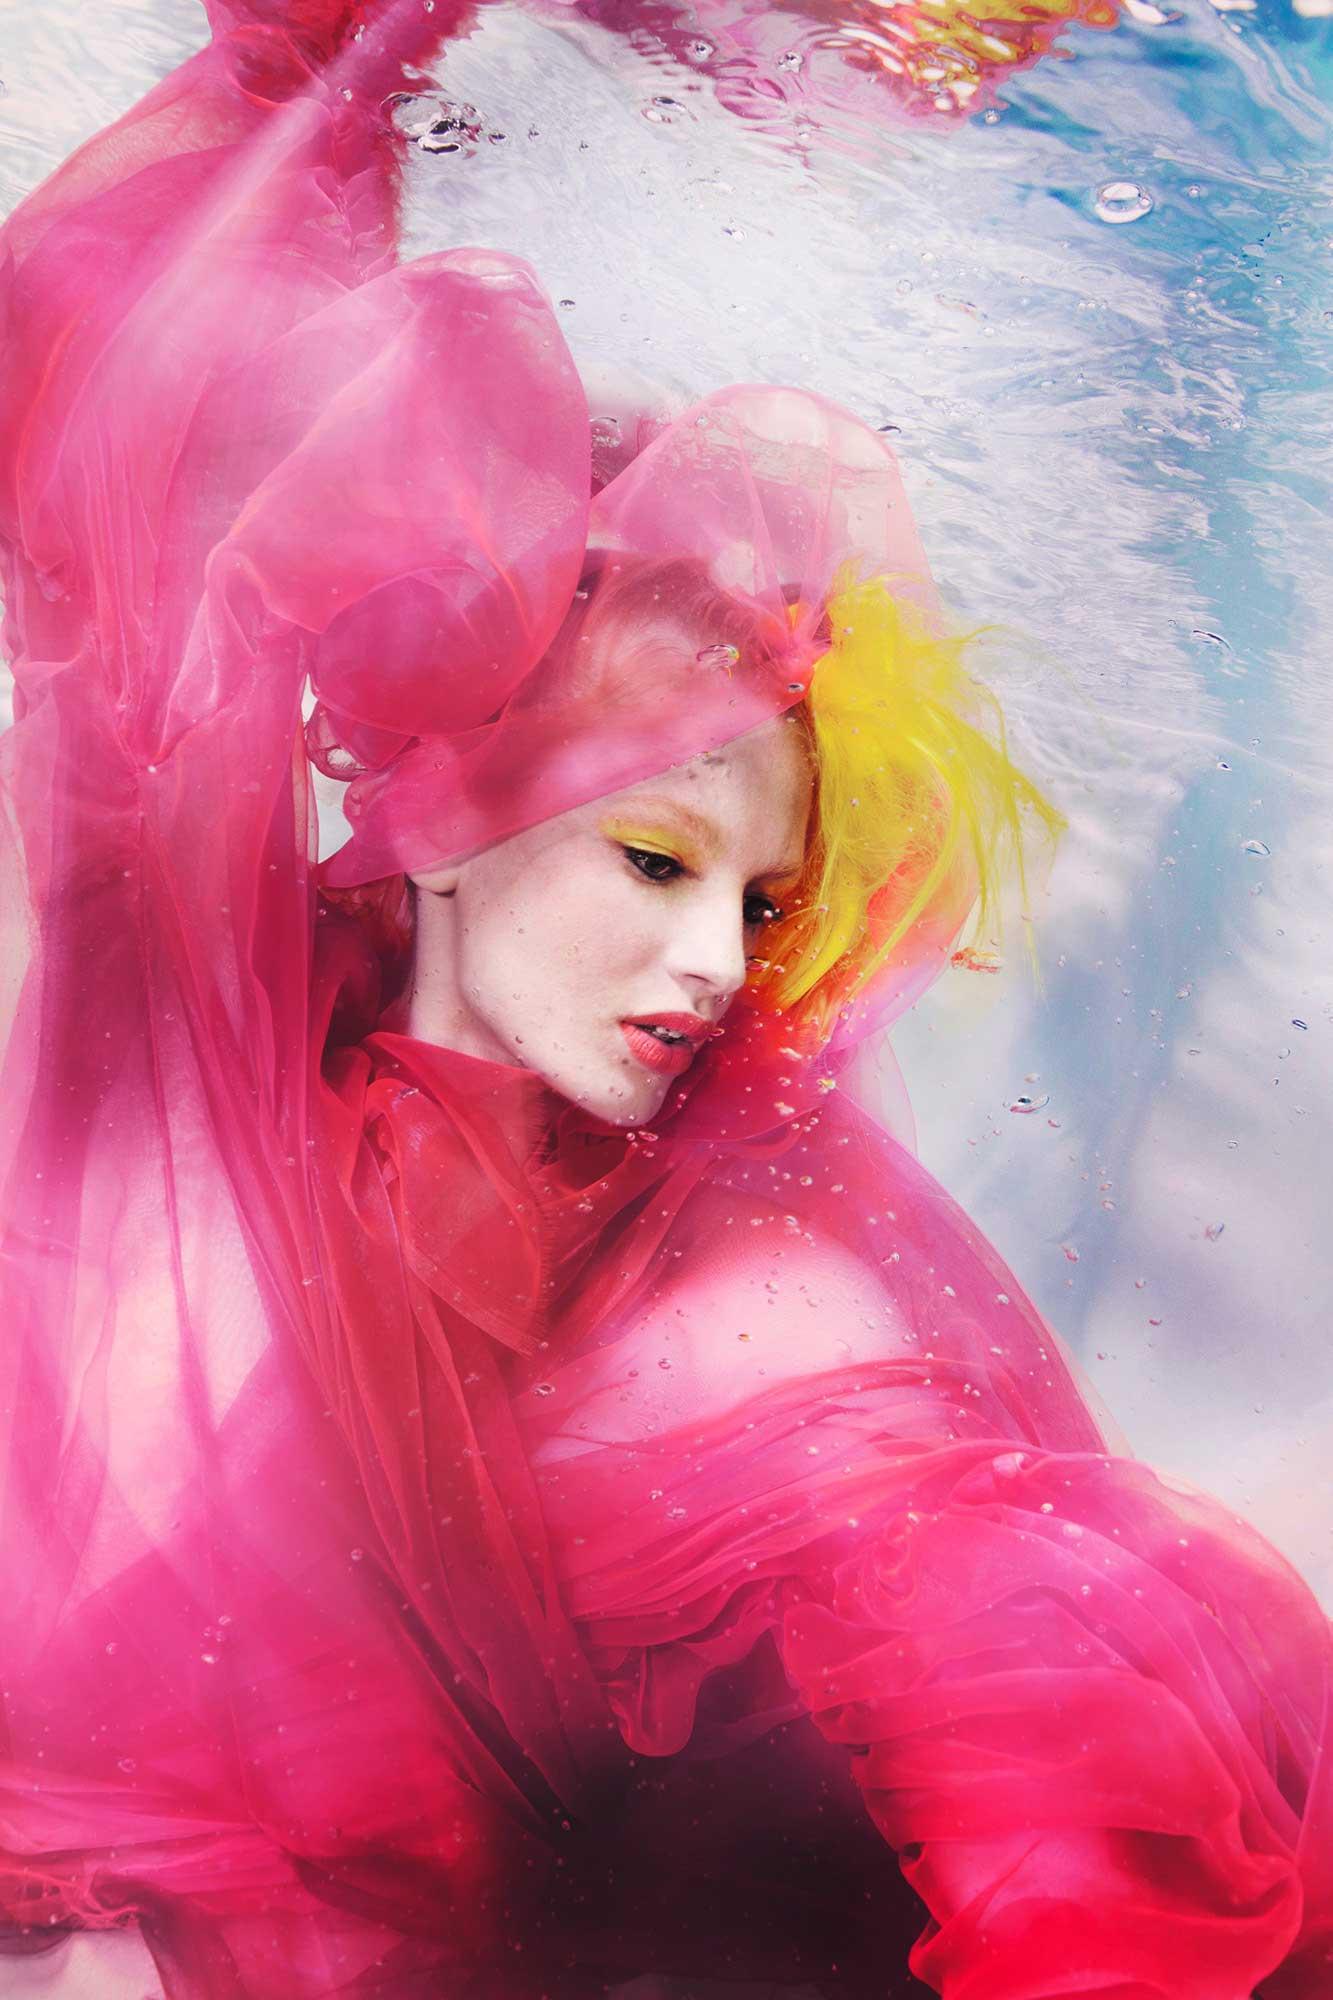 Susanne Stemmer - underwater women in pink